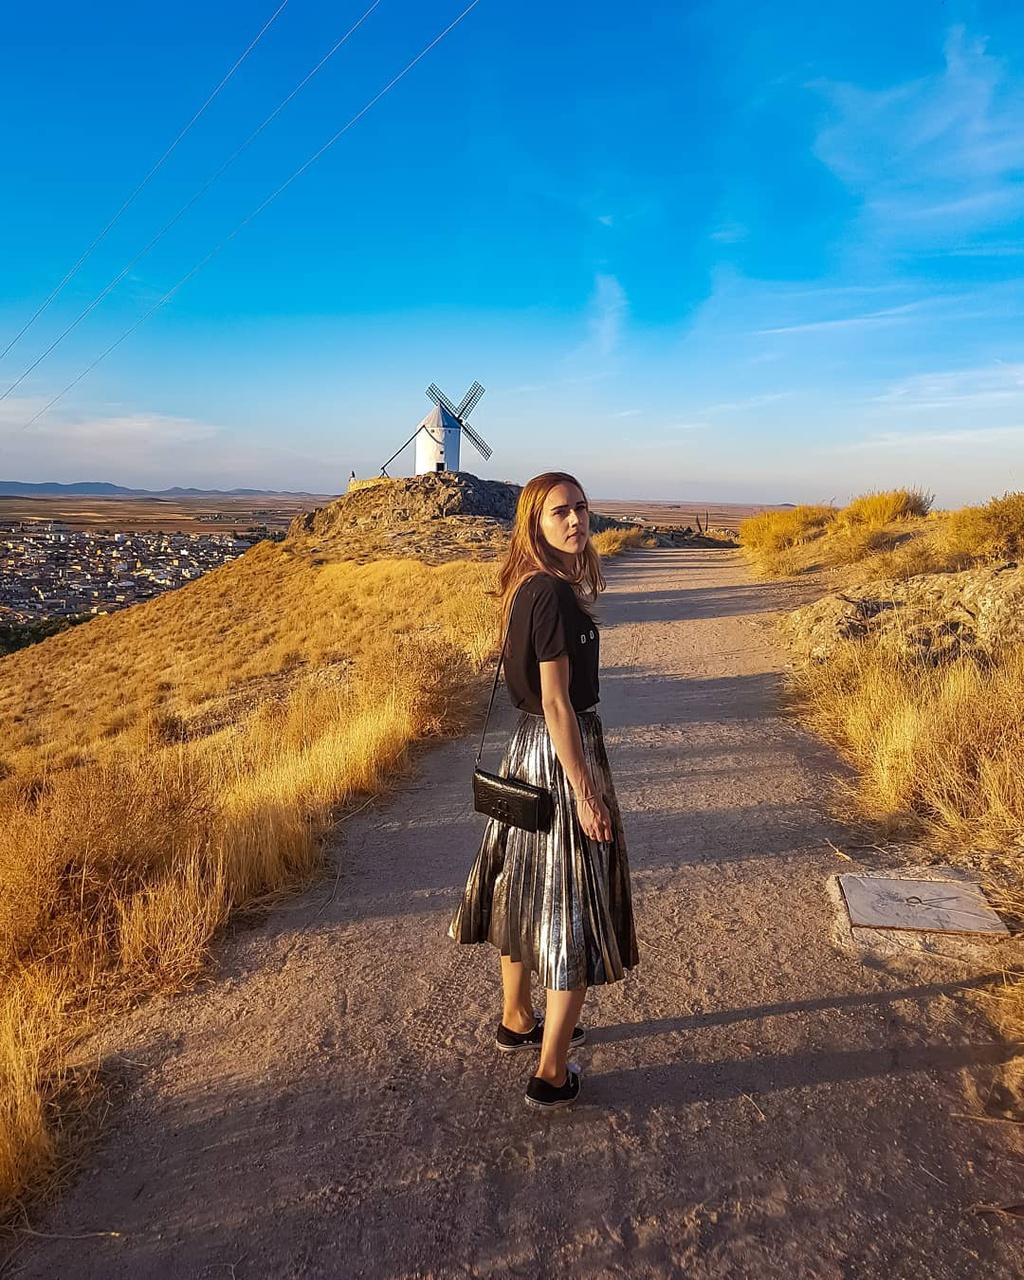 Thiên đường cối xay gió đẹp như tranh vẽ ở Tây Ban Nha